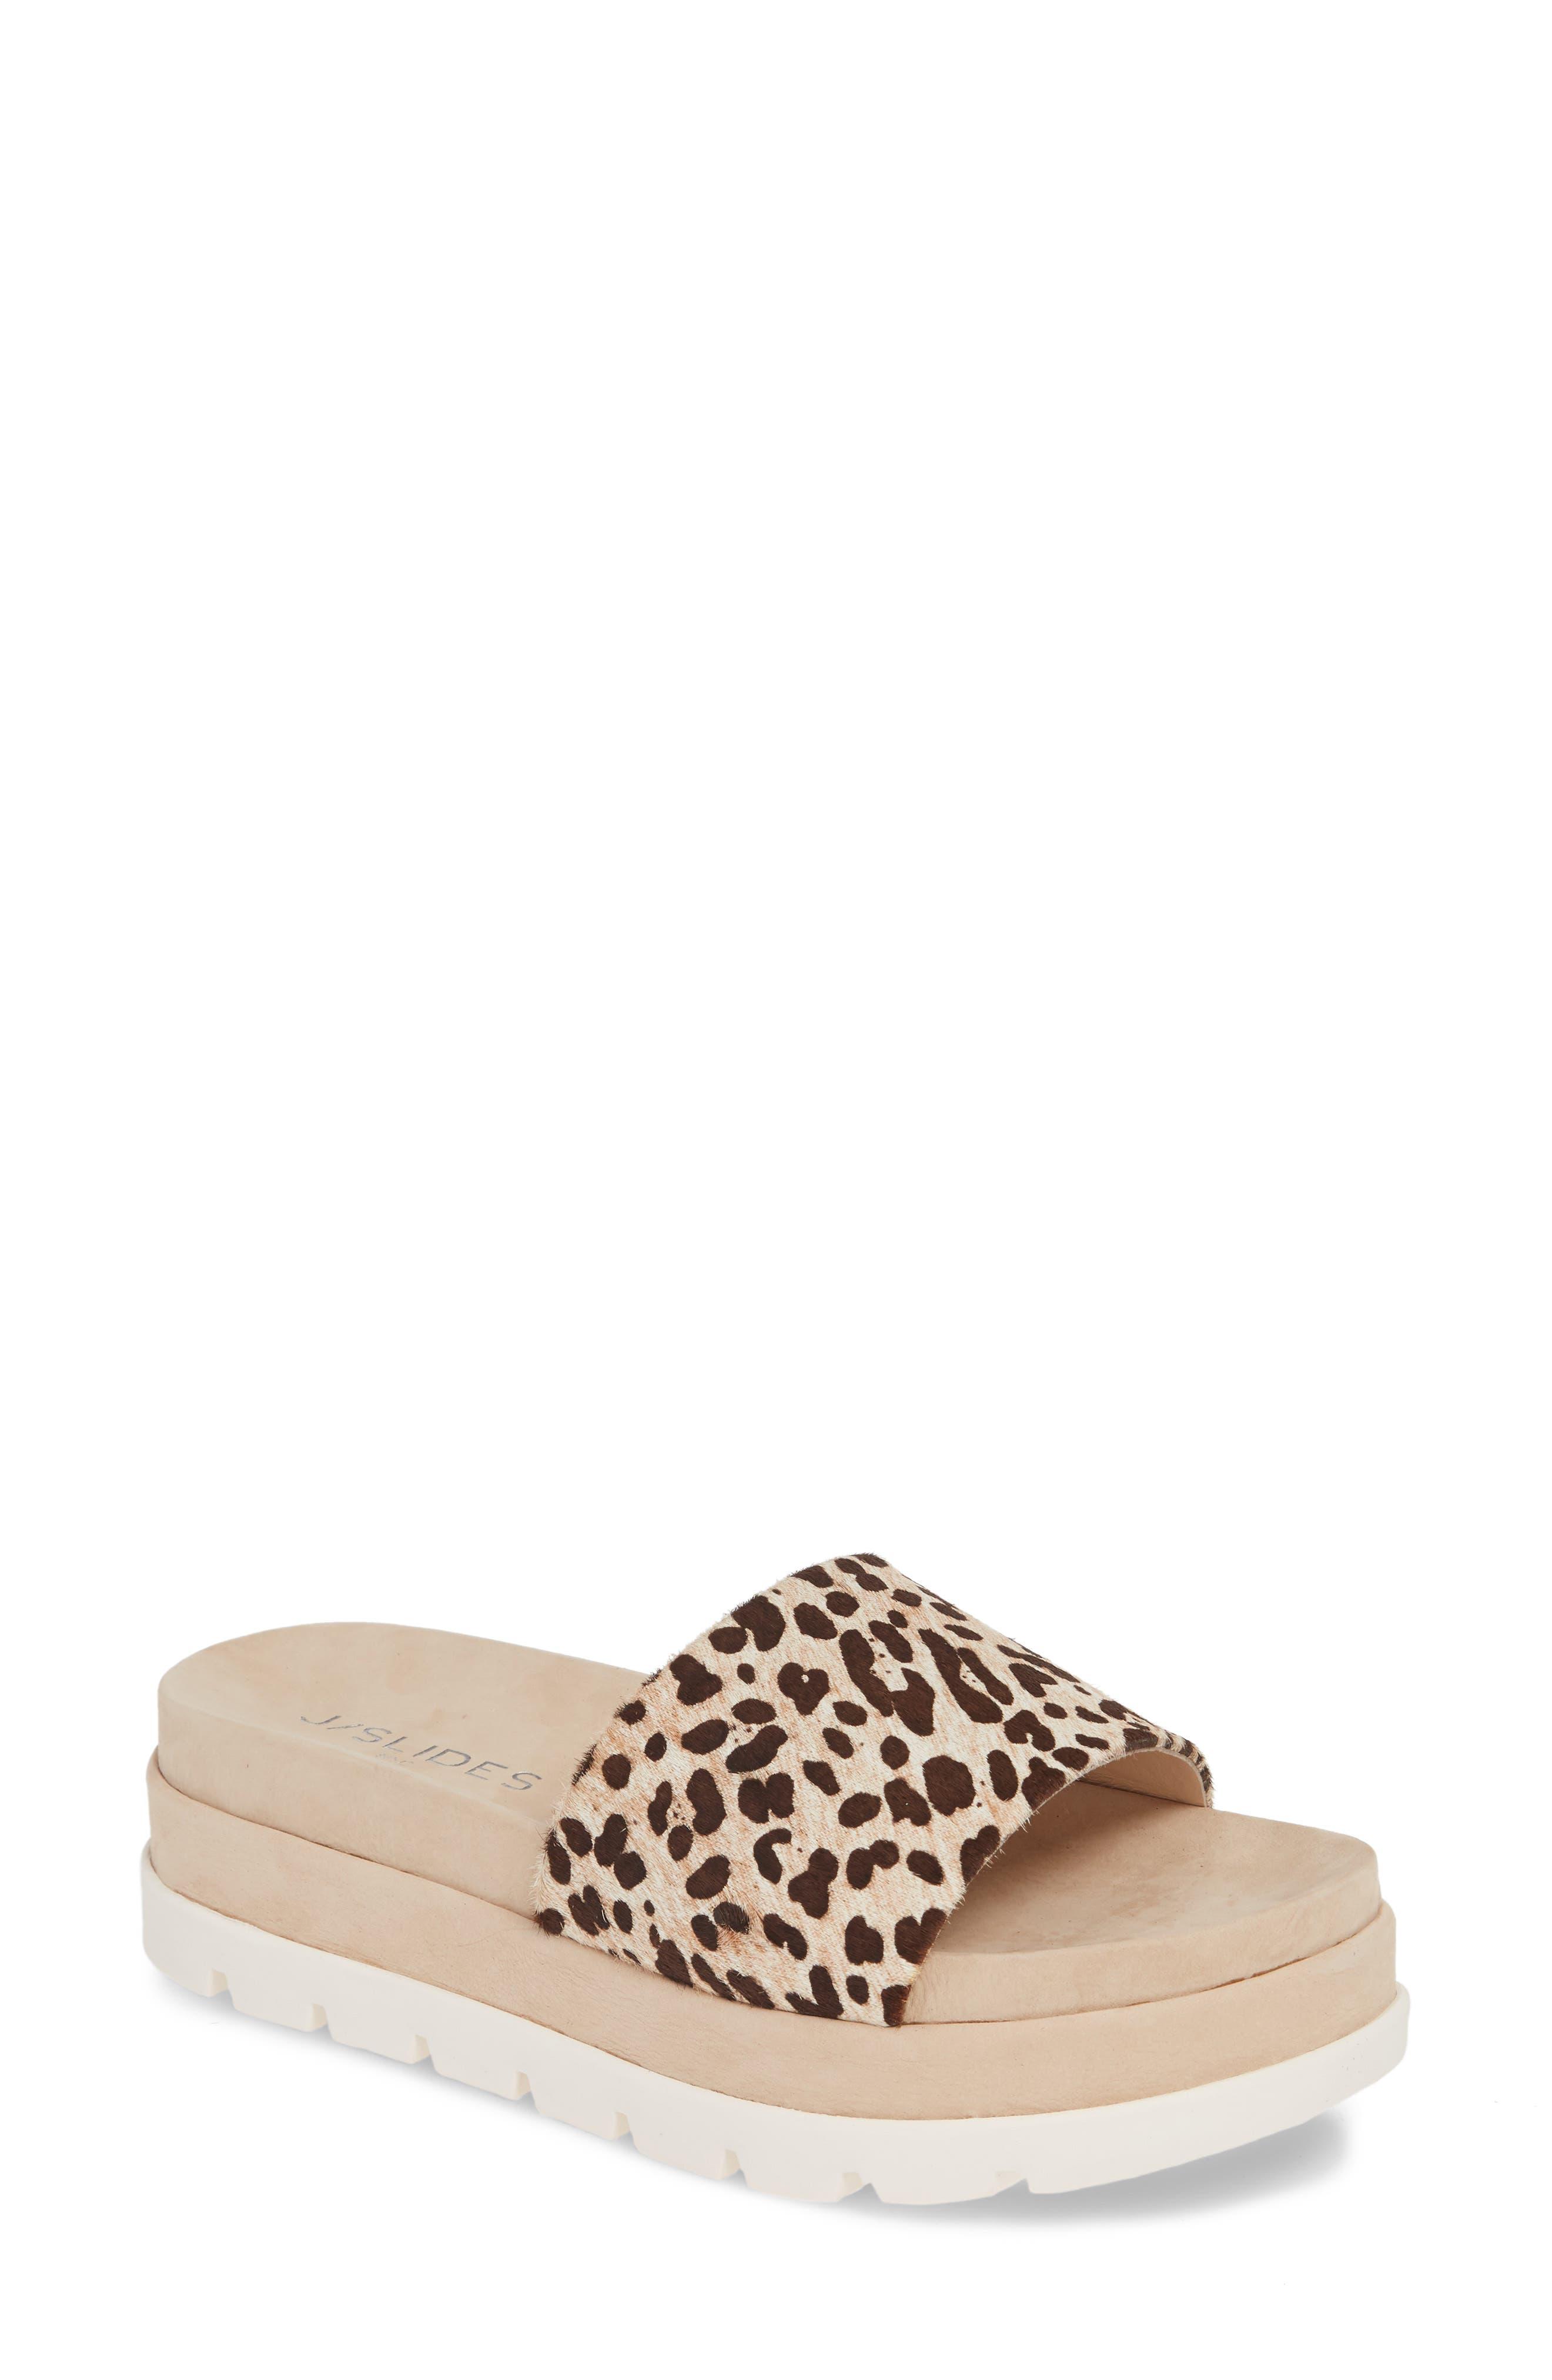 Jslides Bibi Platform Sandal- Beige